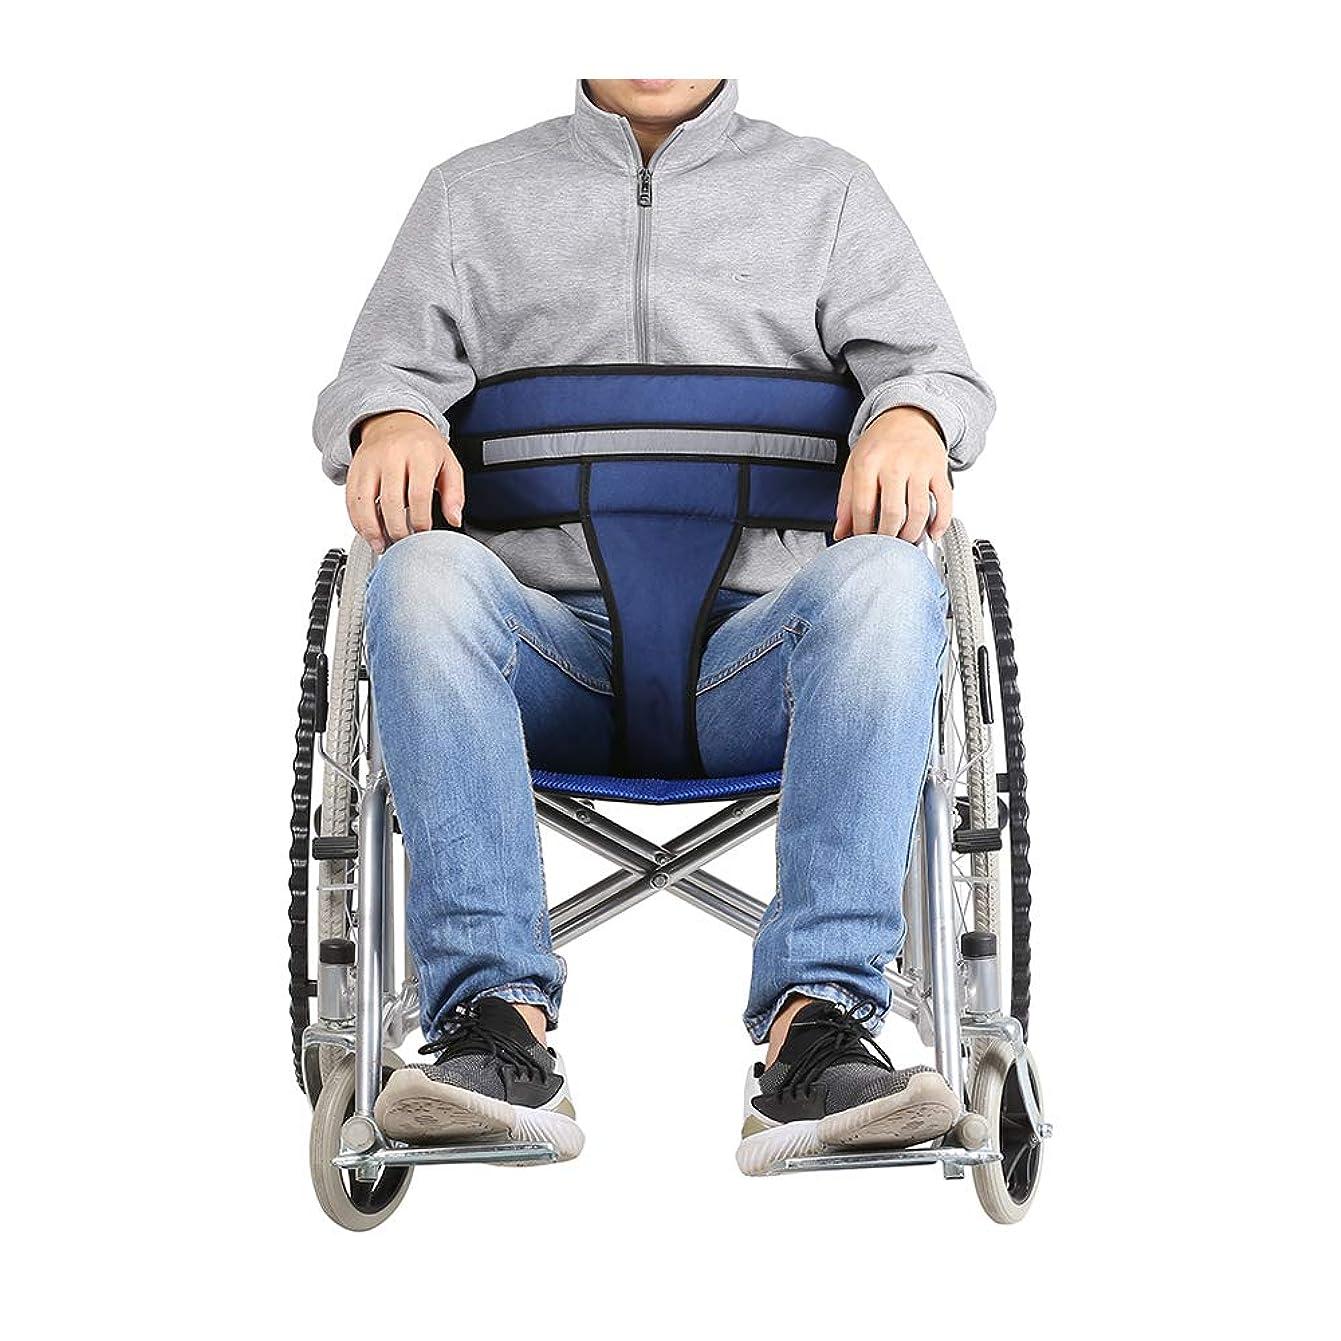 作り好意広範囲に車椅子シートベルト拘束システム胸部クロス医療用拘束具ハーネスチェアアジャスタブルストラップ患者介護高齢者の安全